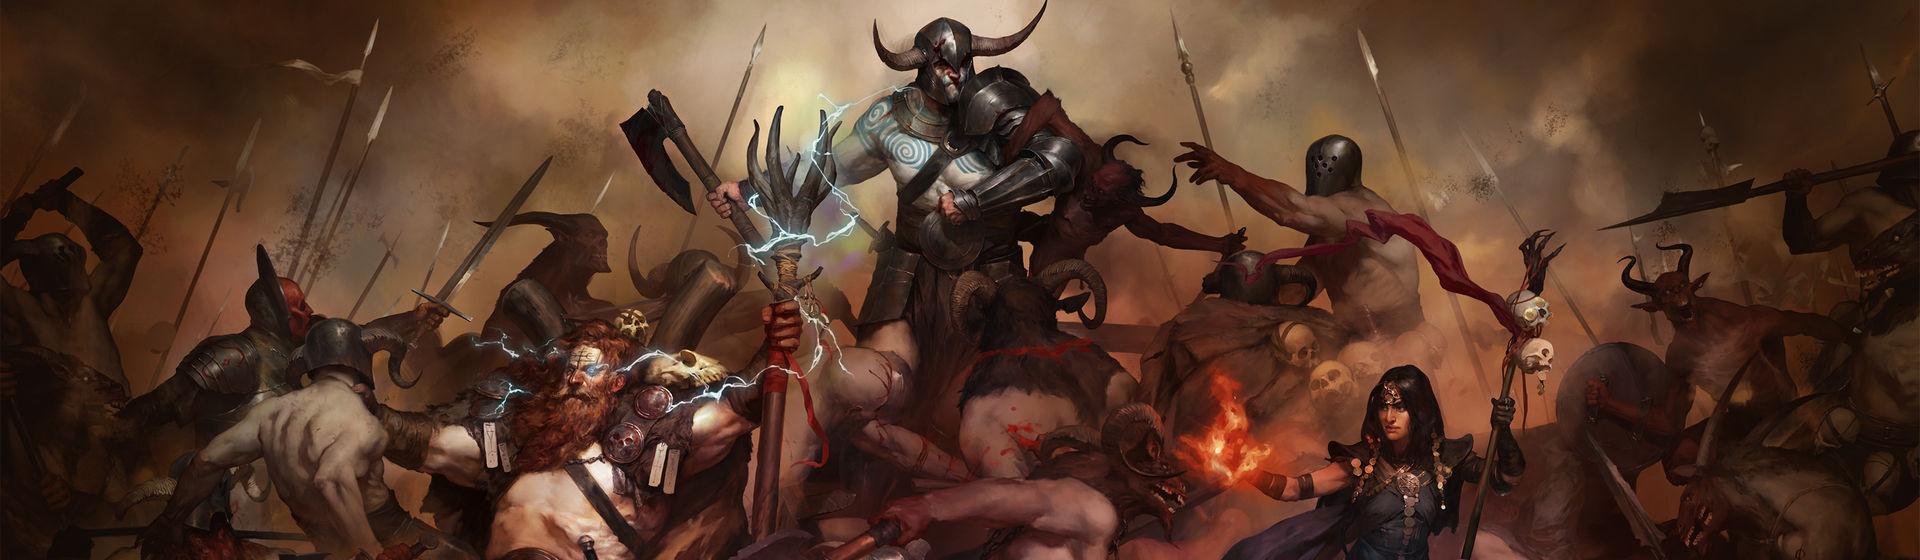 trailer Diablo IV